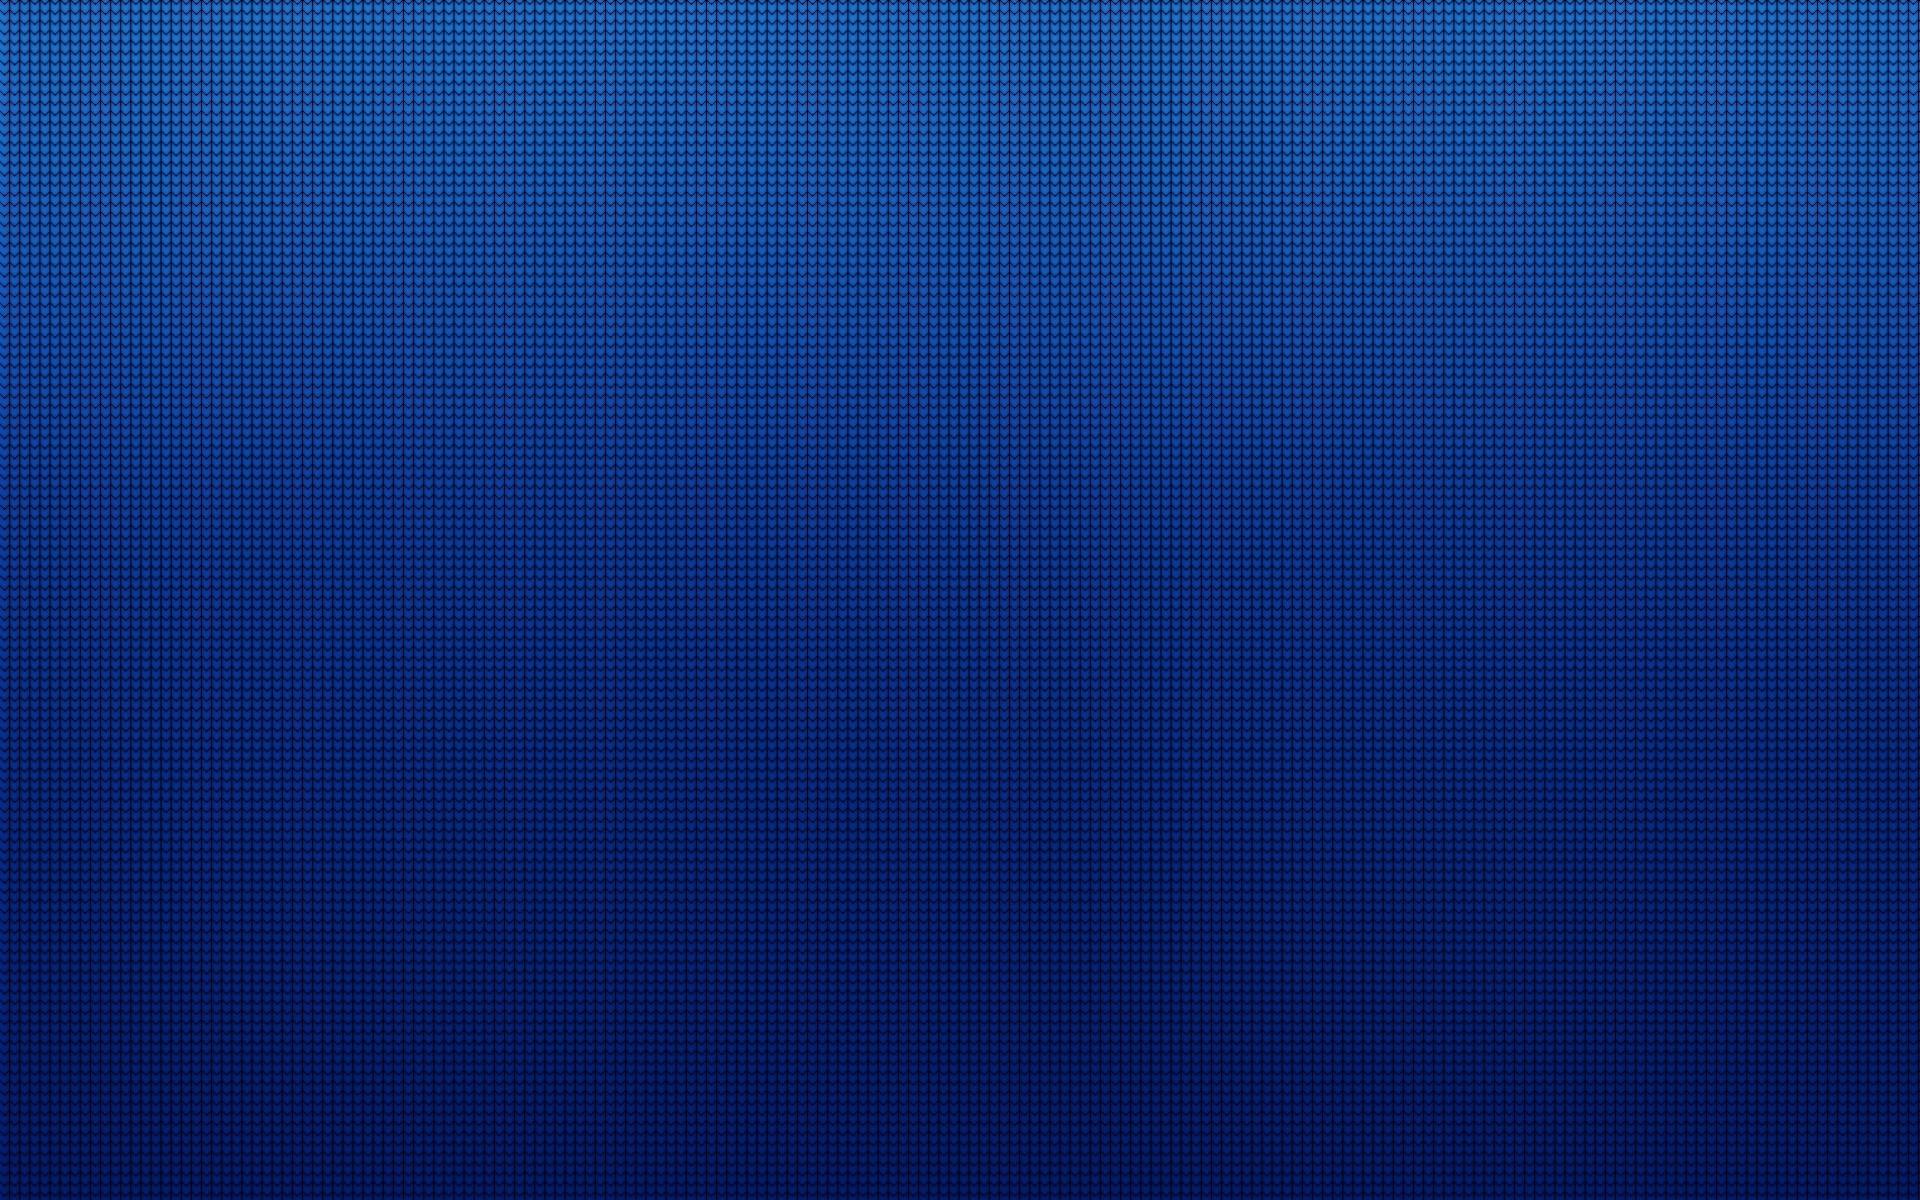 Plain Website Backgrounds images 1920x1200